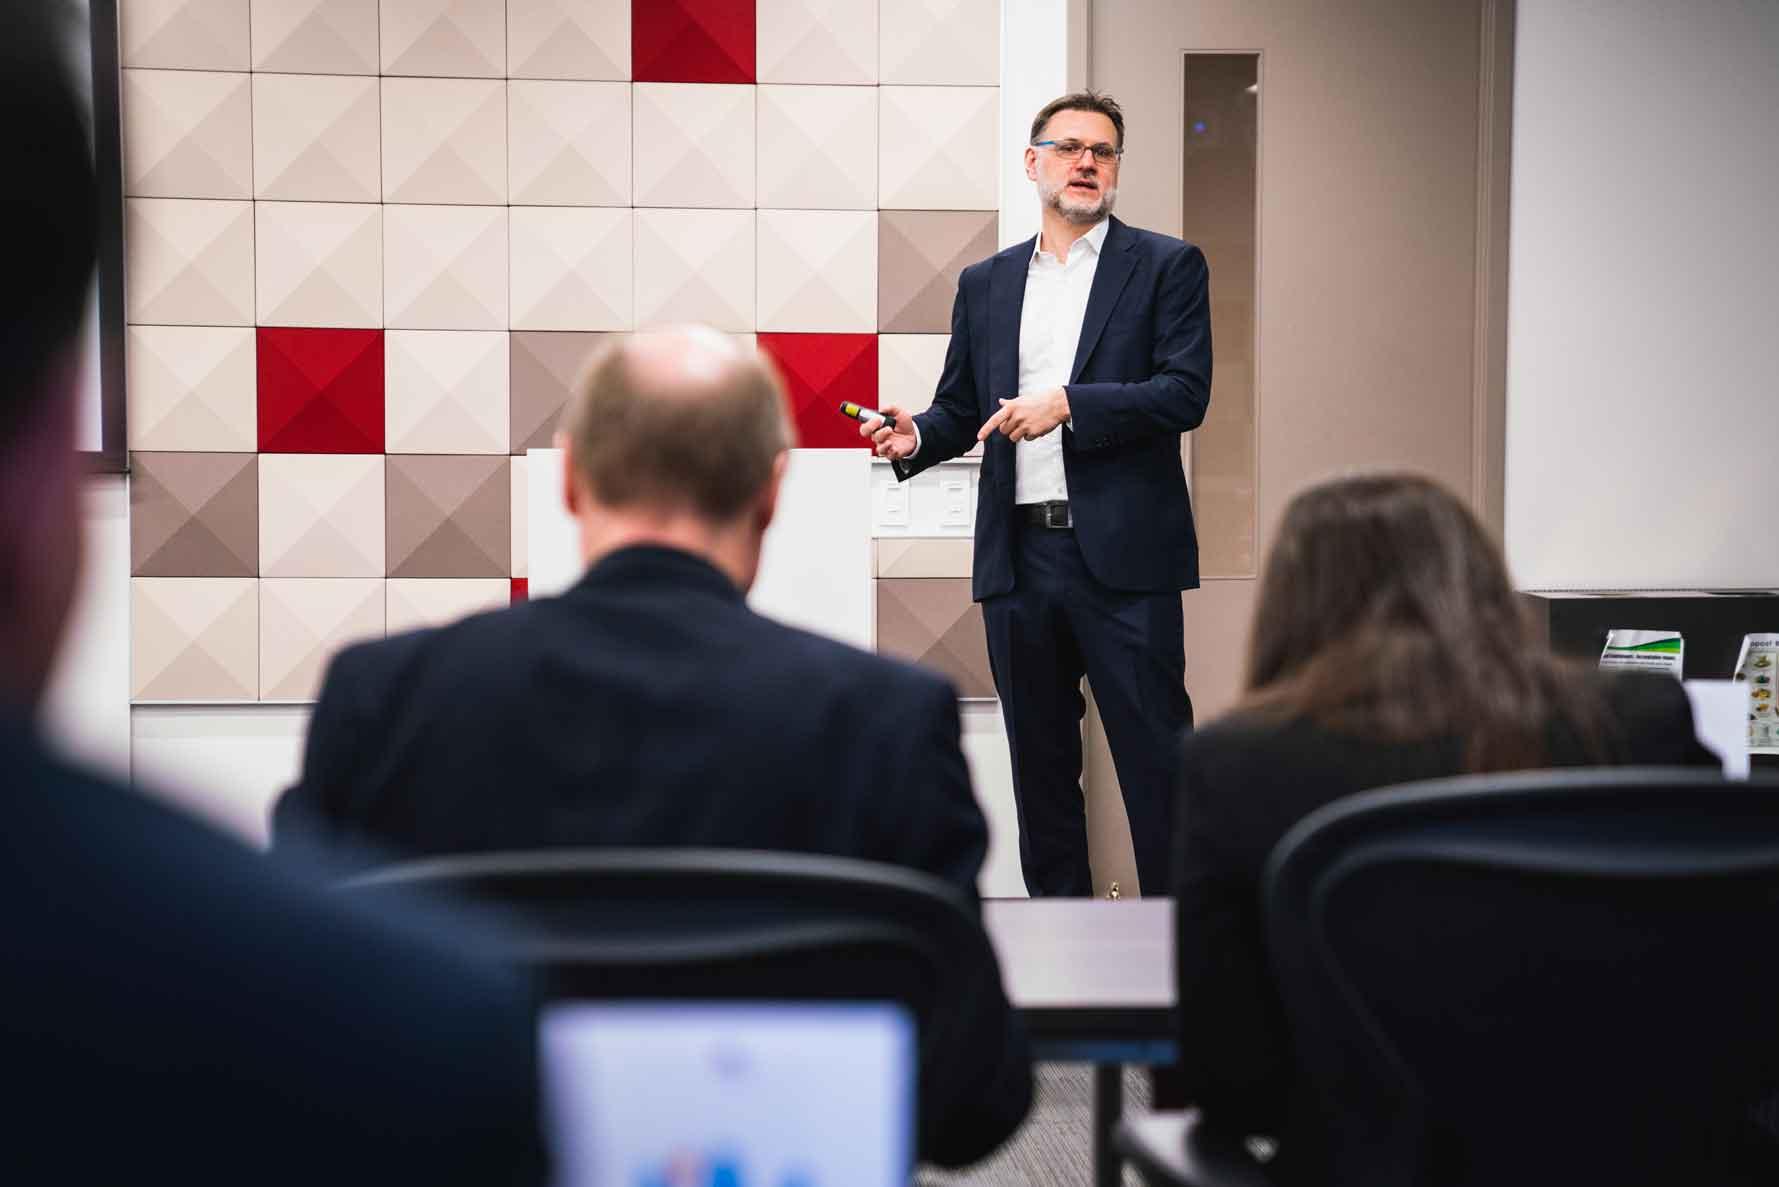 Nebojsa Bjelotomic, Saga NFG CEO